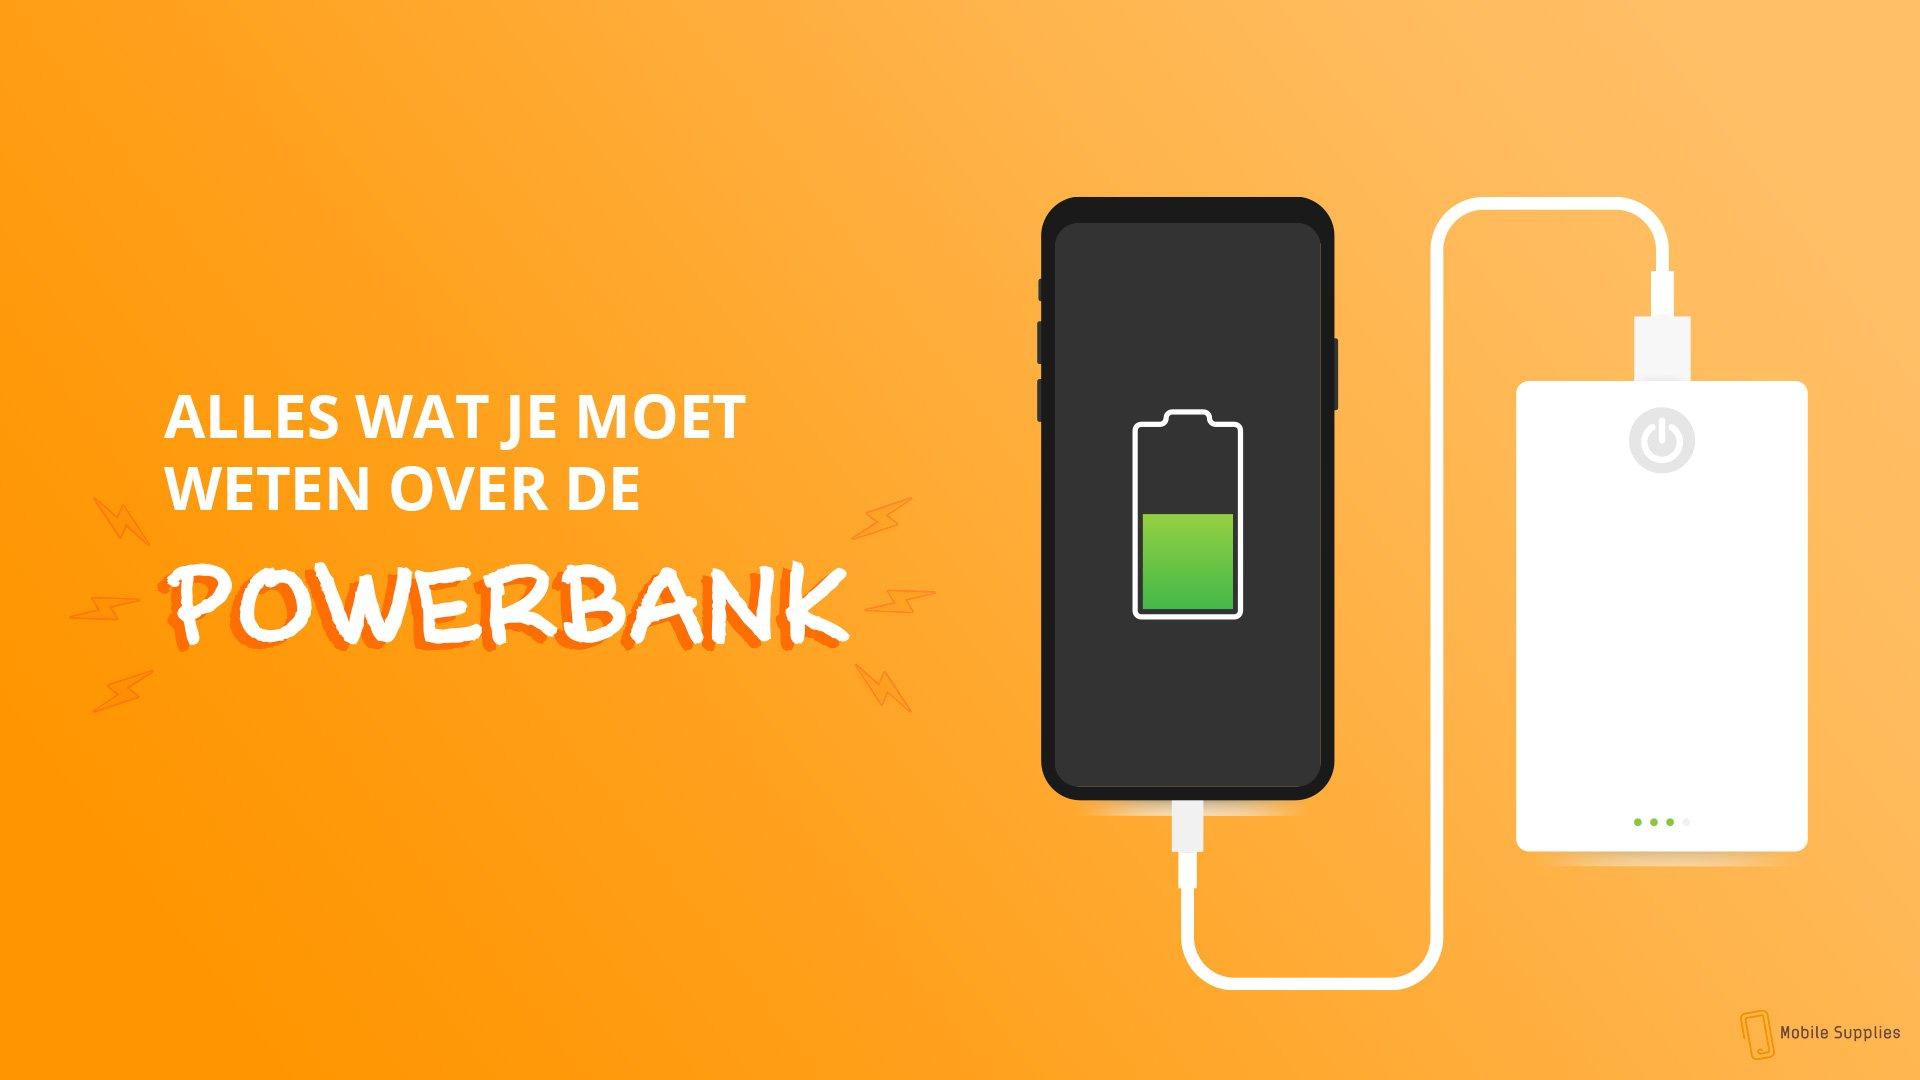 Beste powerbank voor je telefoon kopen? Dit moet je weten...